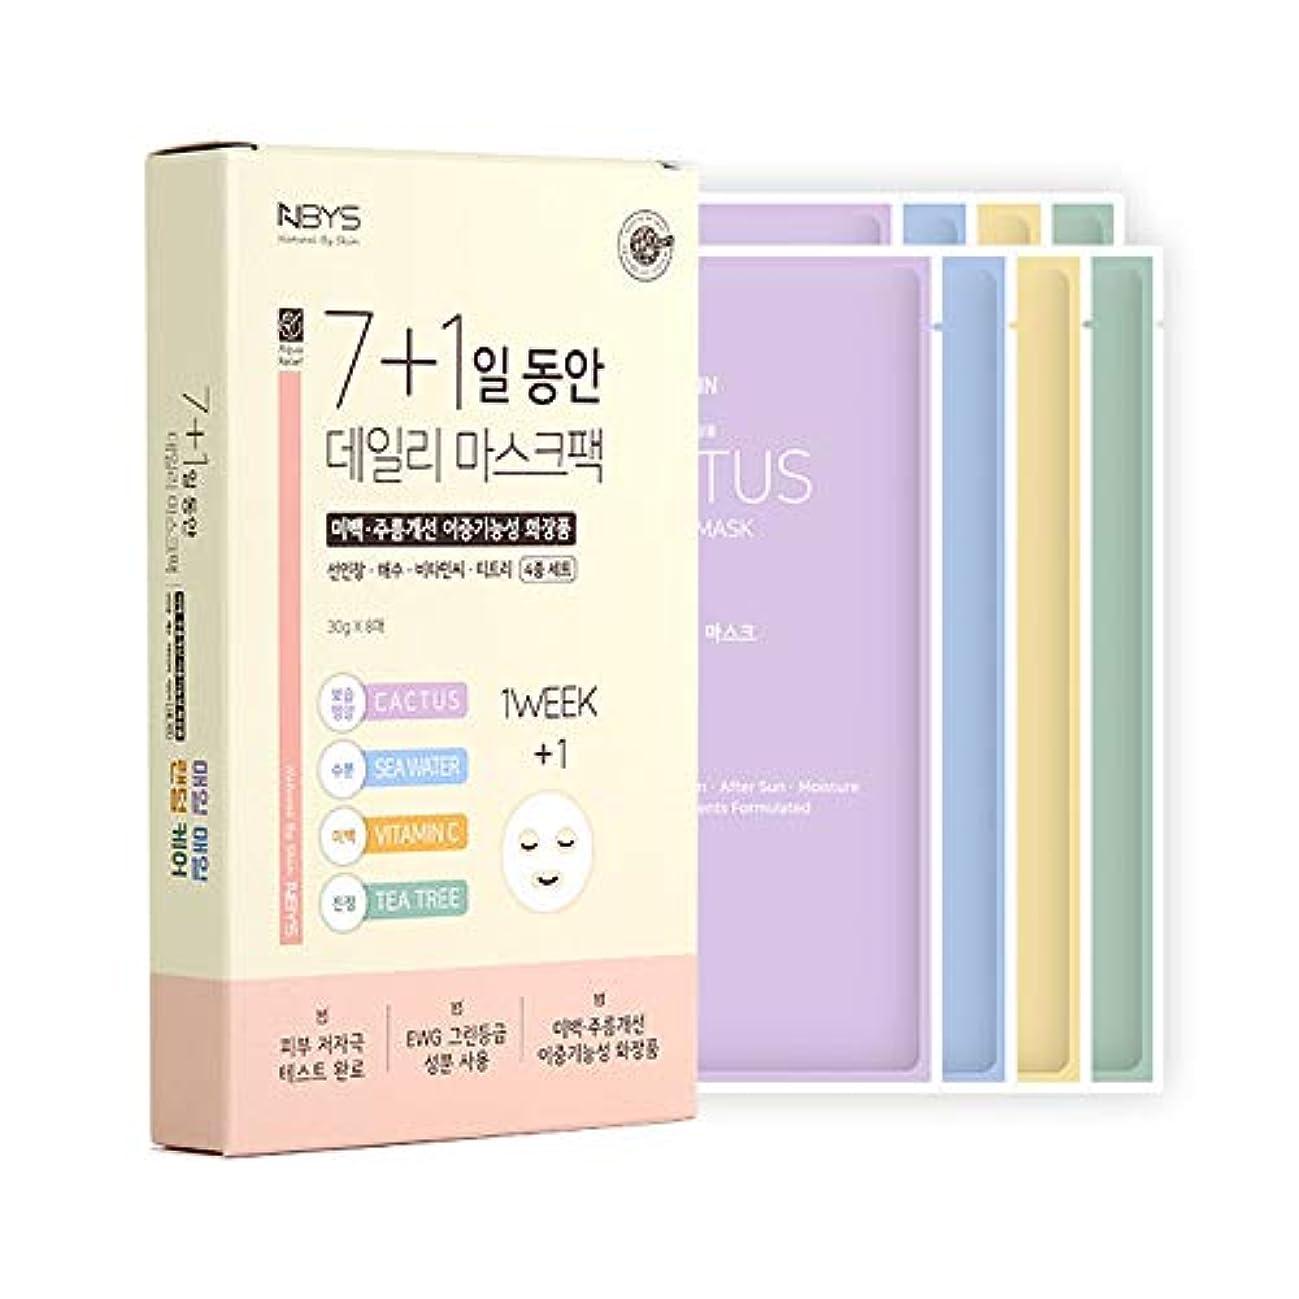 消費正統派砂の[NBYS] 7+1 NBYS RE Your Skin Mask フェイスパック 8枚セット [並行輸入品]